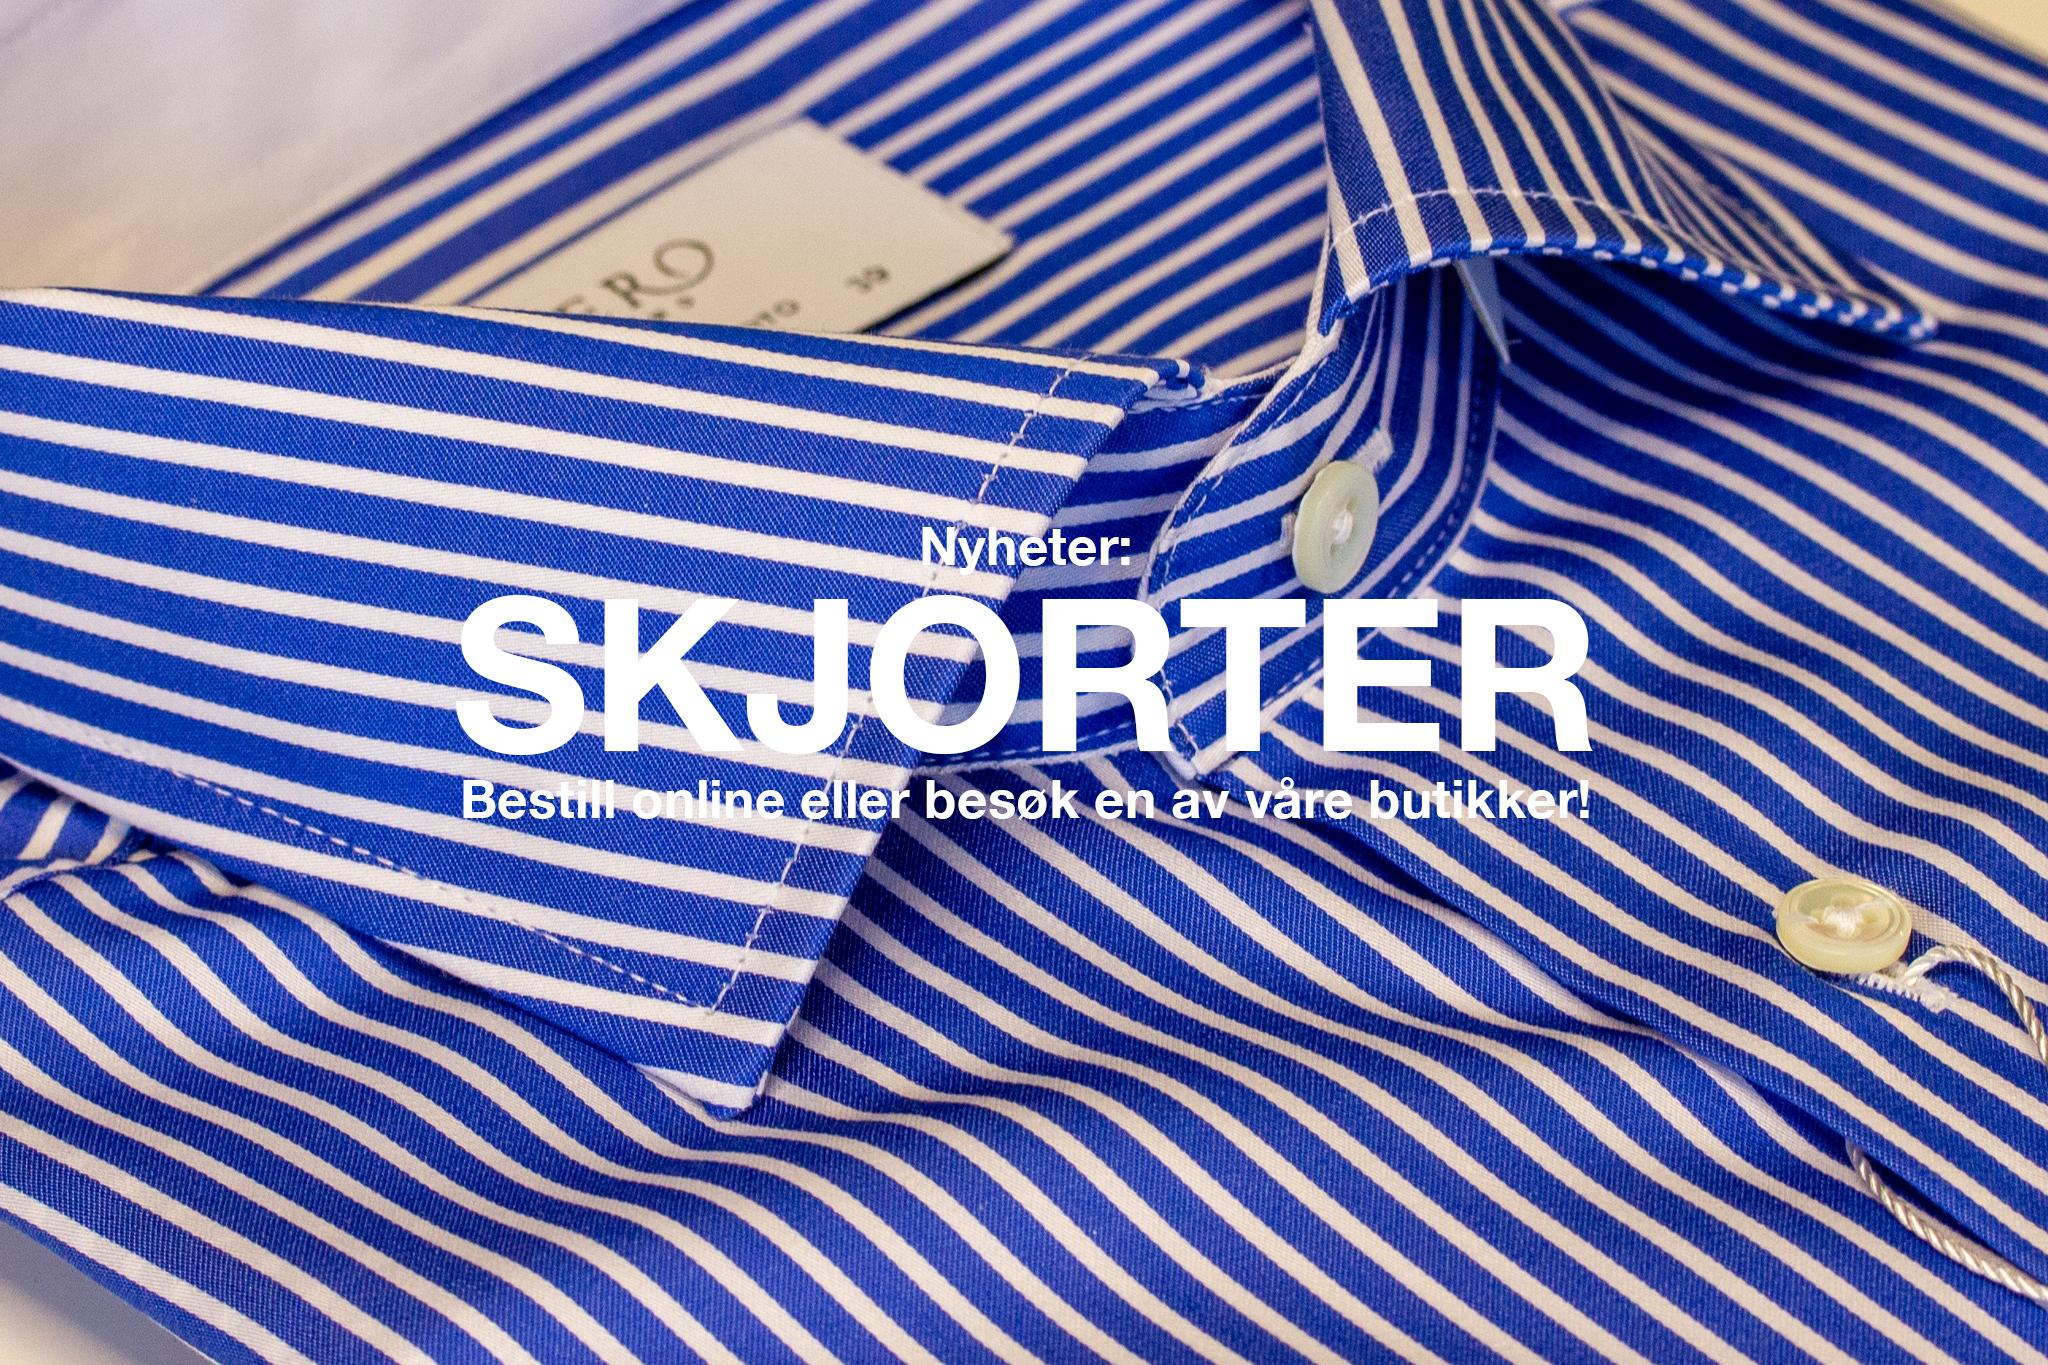 Nye skjorter hos Menswear i Oslo.